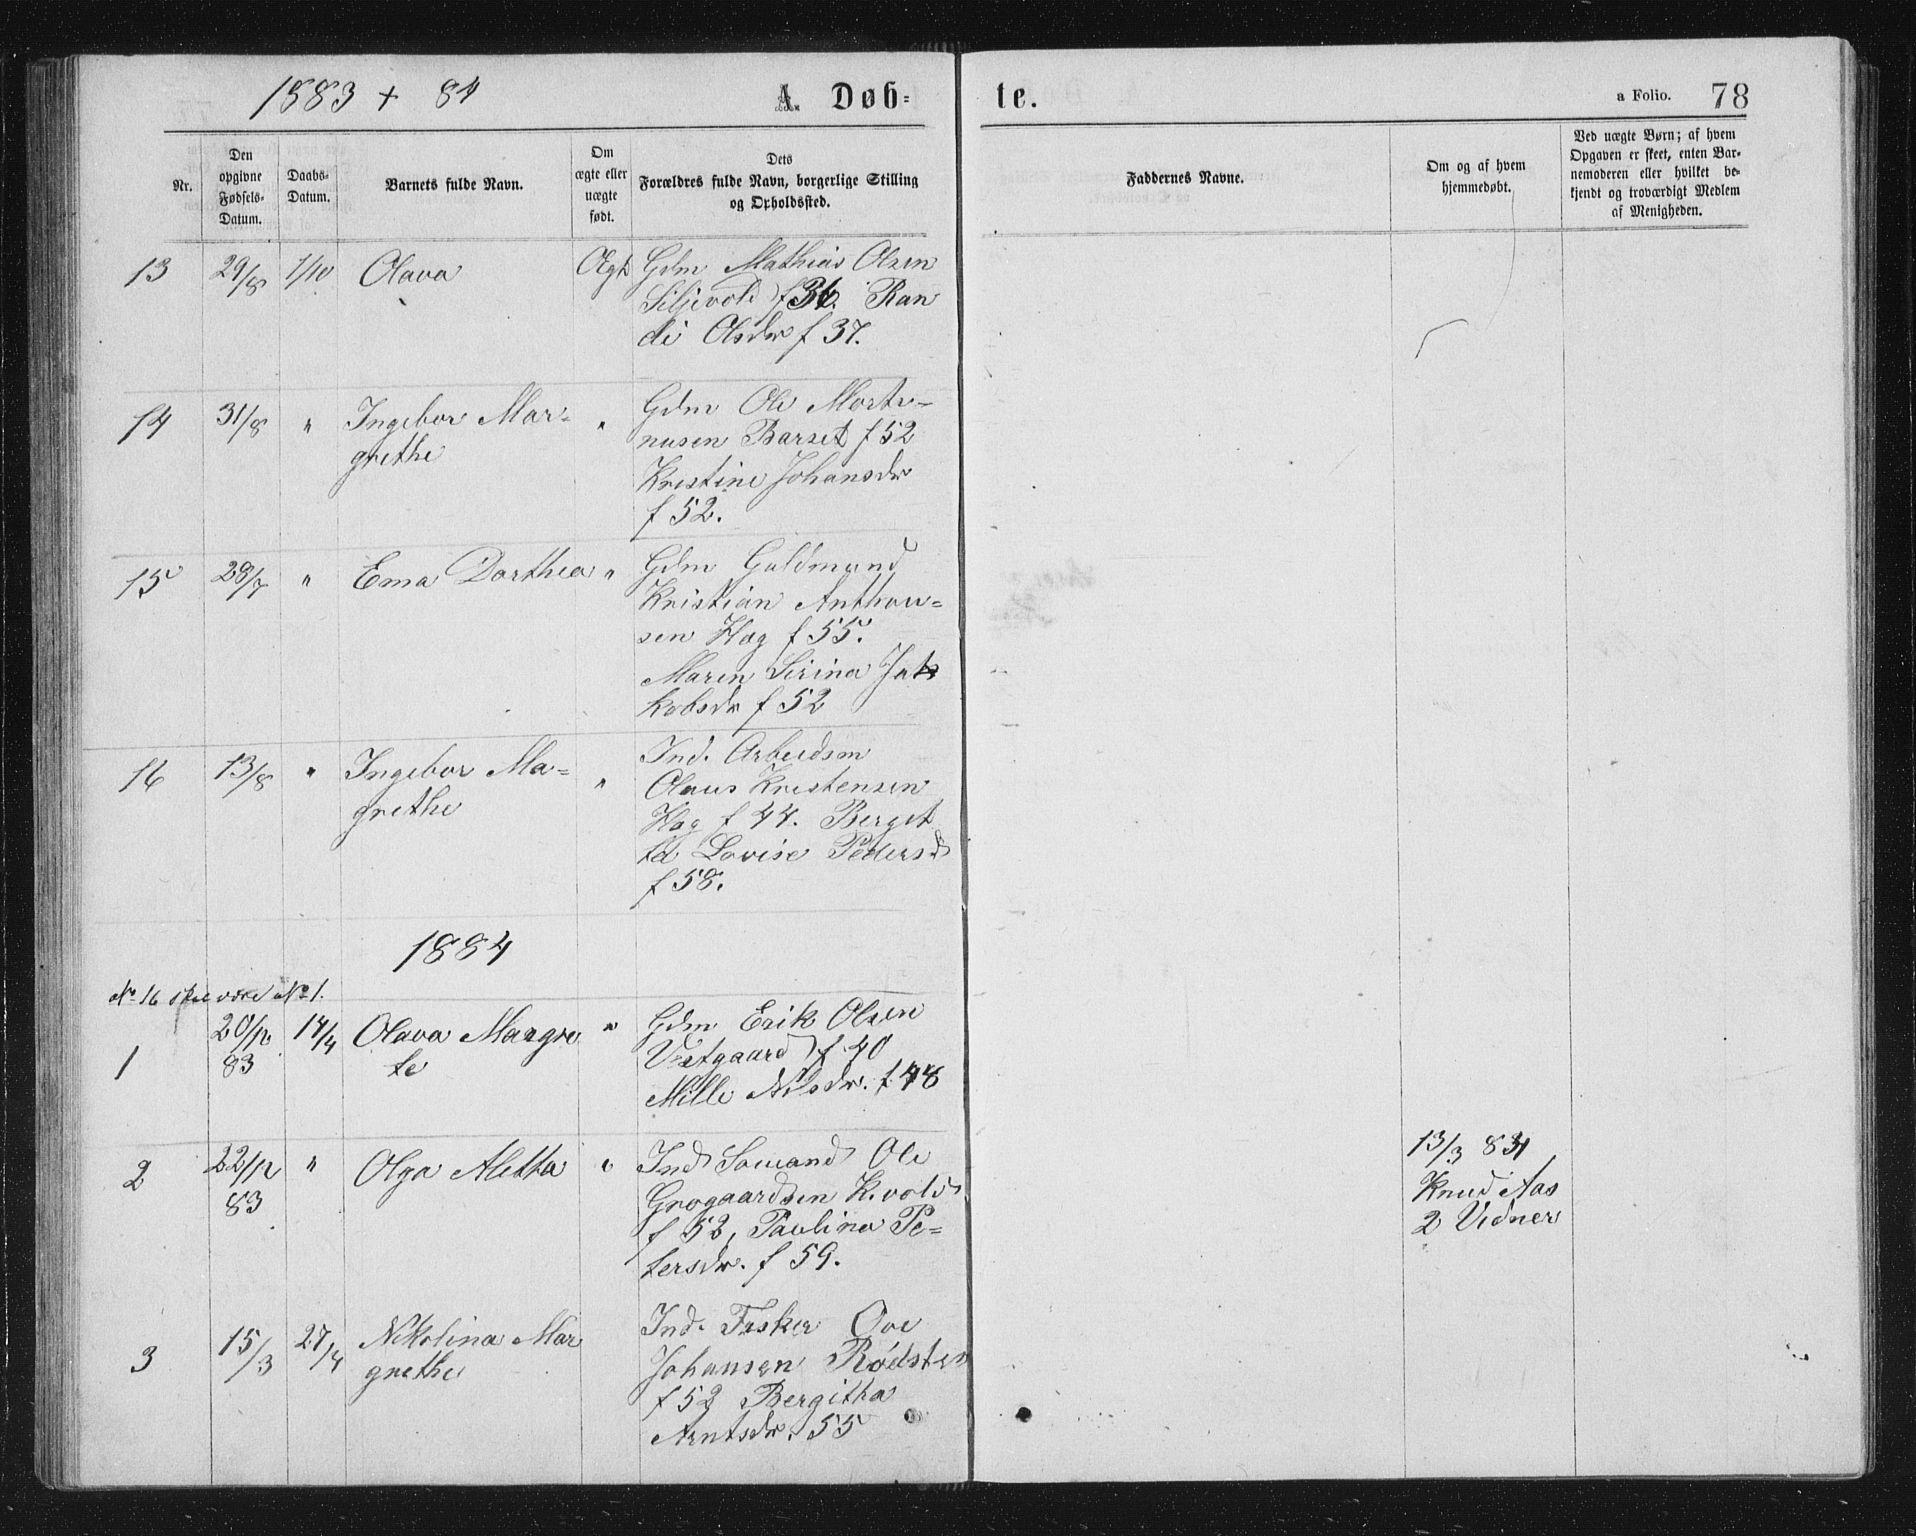 SAT, Ministerialprotokoller, klokkerbøker og fødselsregistre - Sør-Trøndelag, 662/L0756: Klokkerbok nr. 662C01, 1869-1891, s. 78